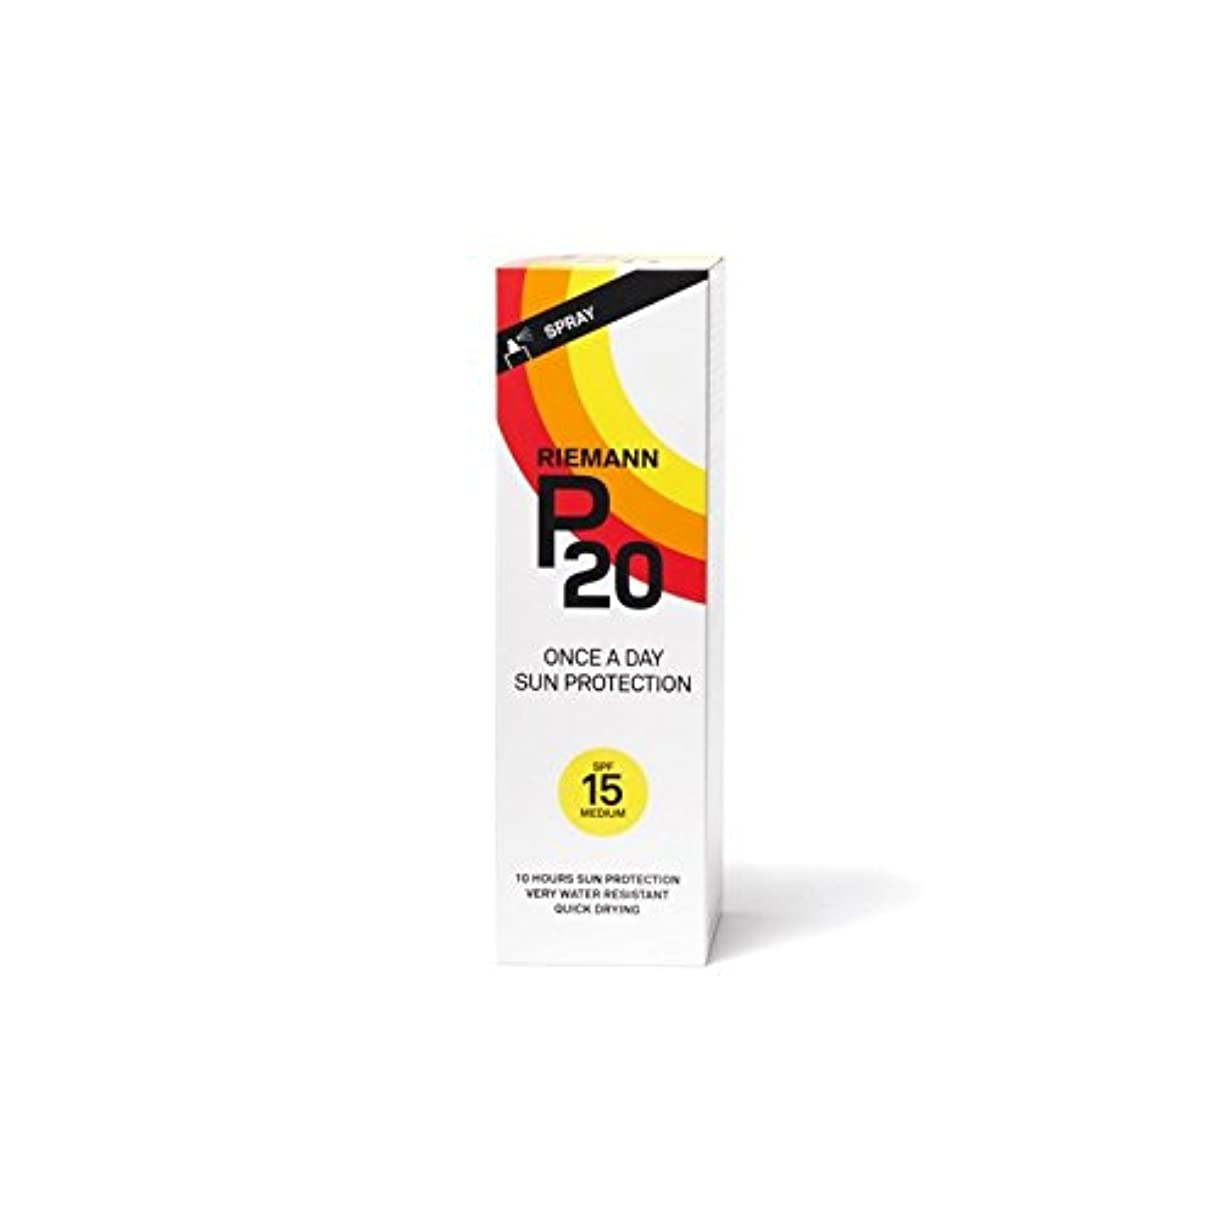 夕暮れ好戦的なキャンディーリーマン20のサンフィルター100ミリリットル15 x2 - Riemann P20 Sun Filter 100ml SPF15 (Pack of 2) [並行輸入品]